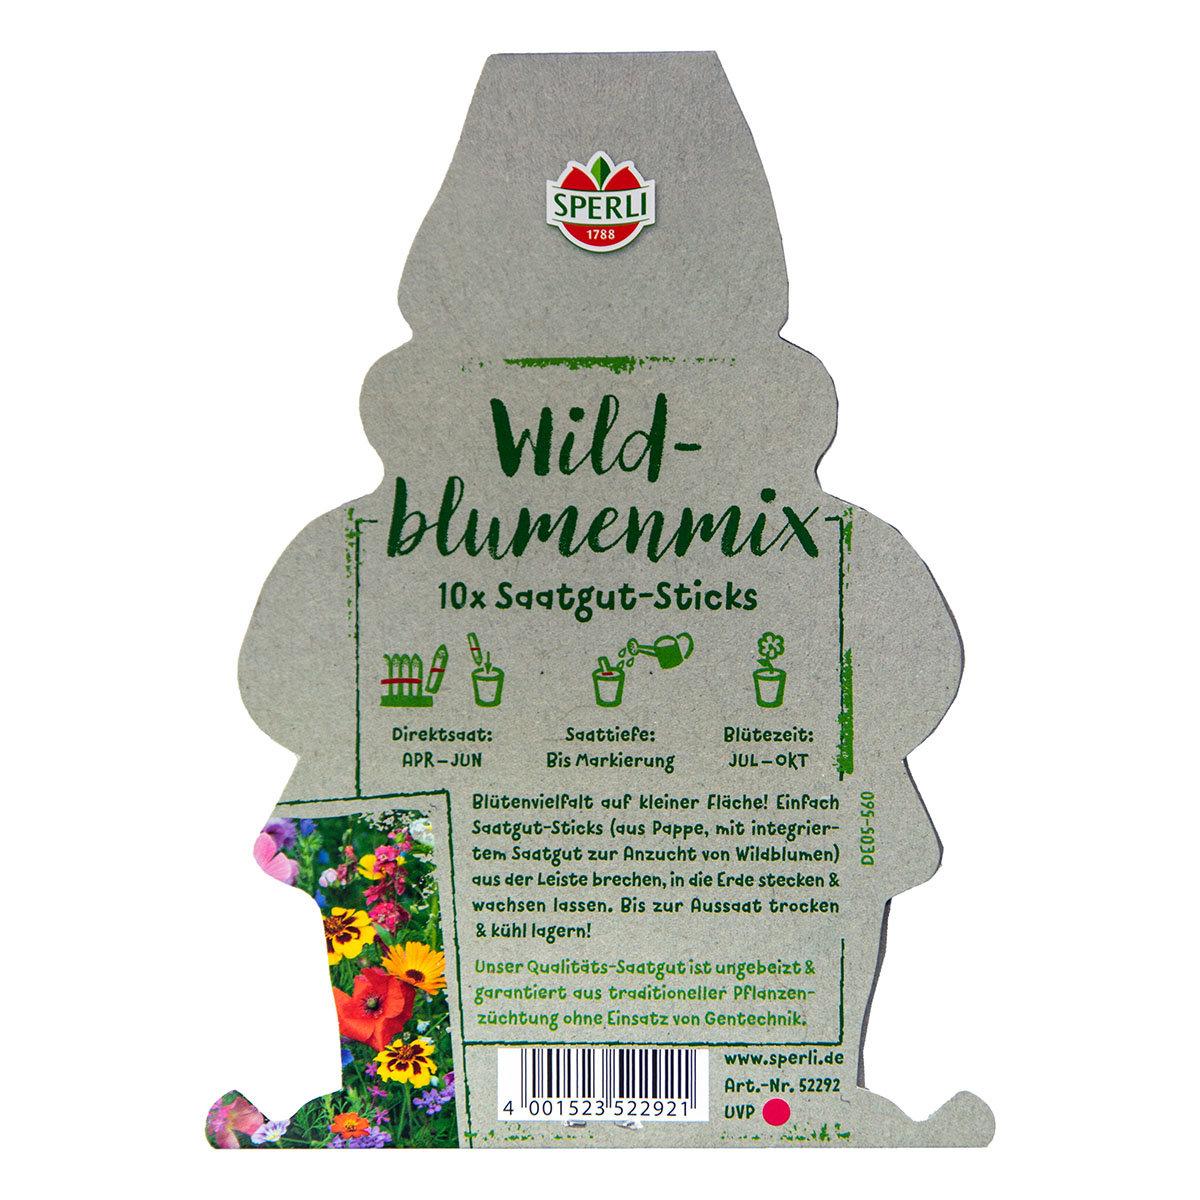 10 Saatgut-Sticks zur einfachen Anzucht, Wildblumenmischung | #5